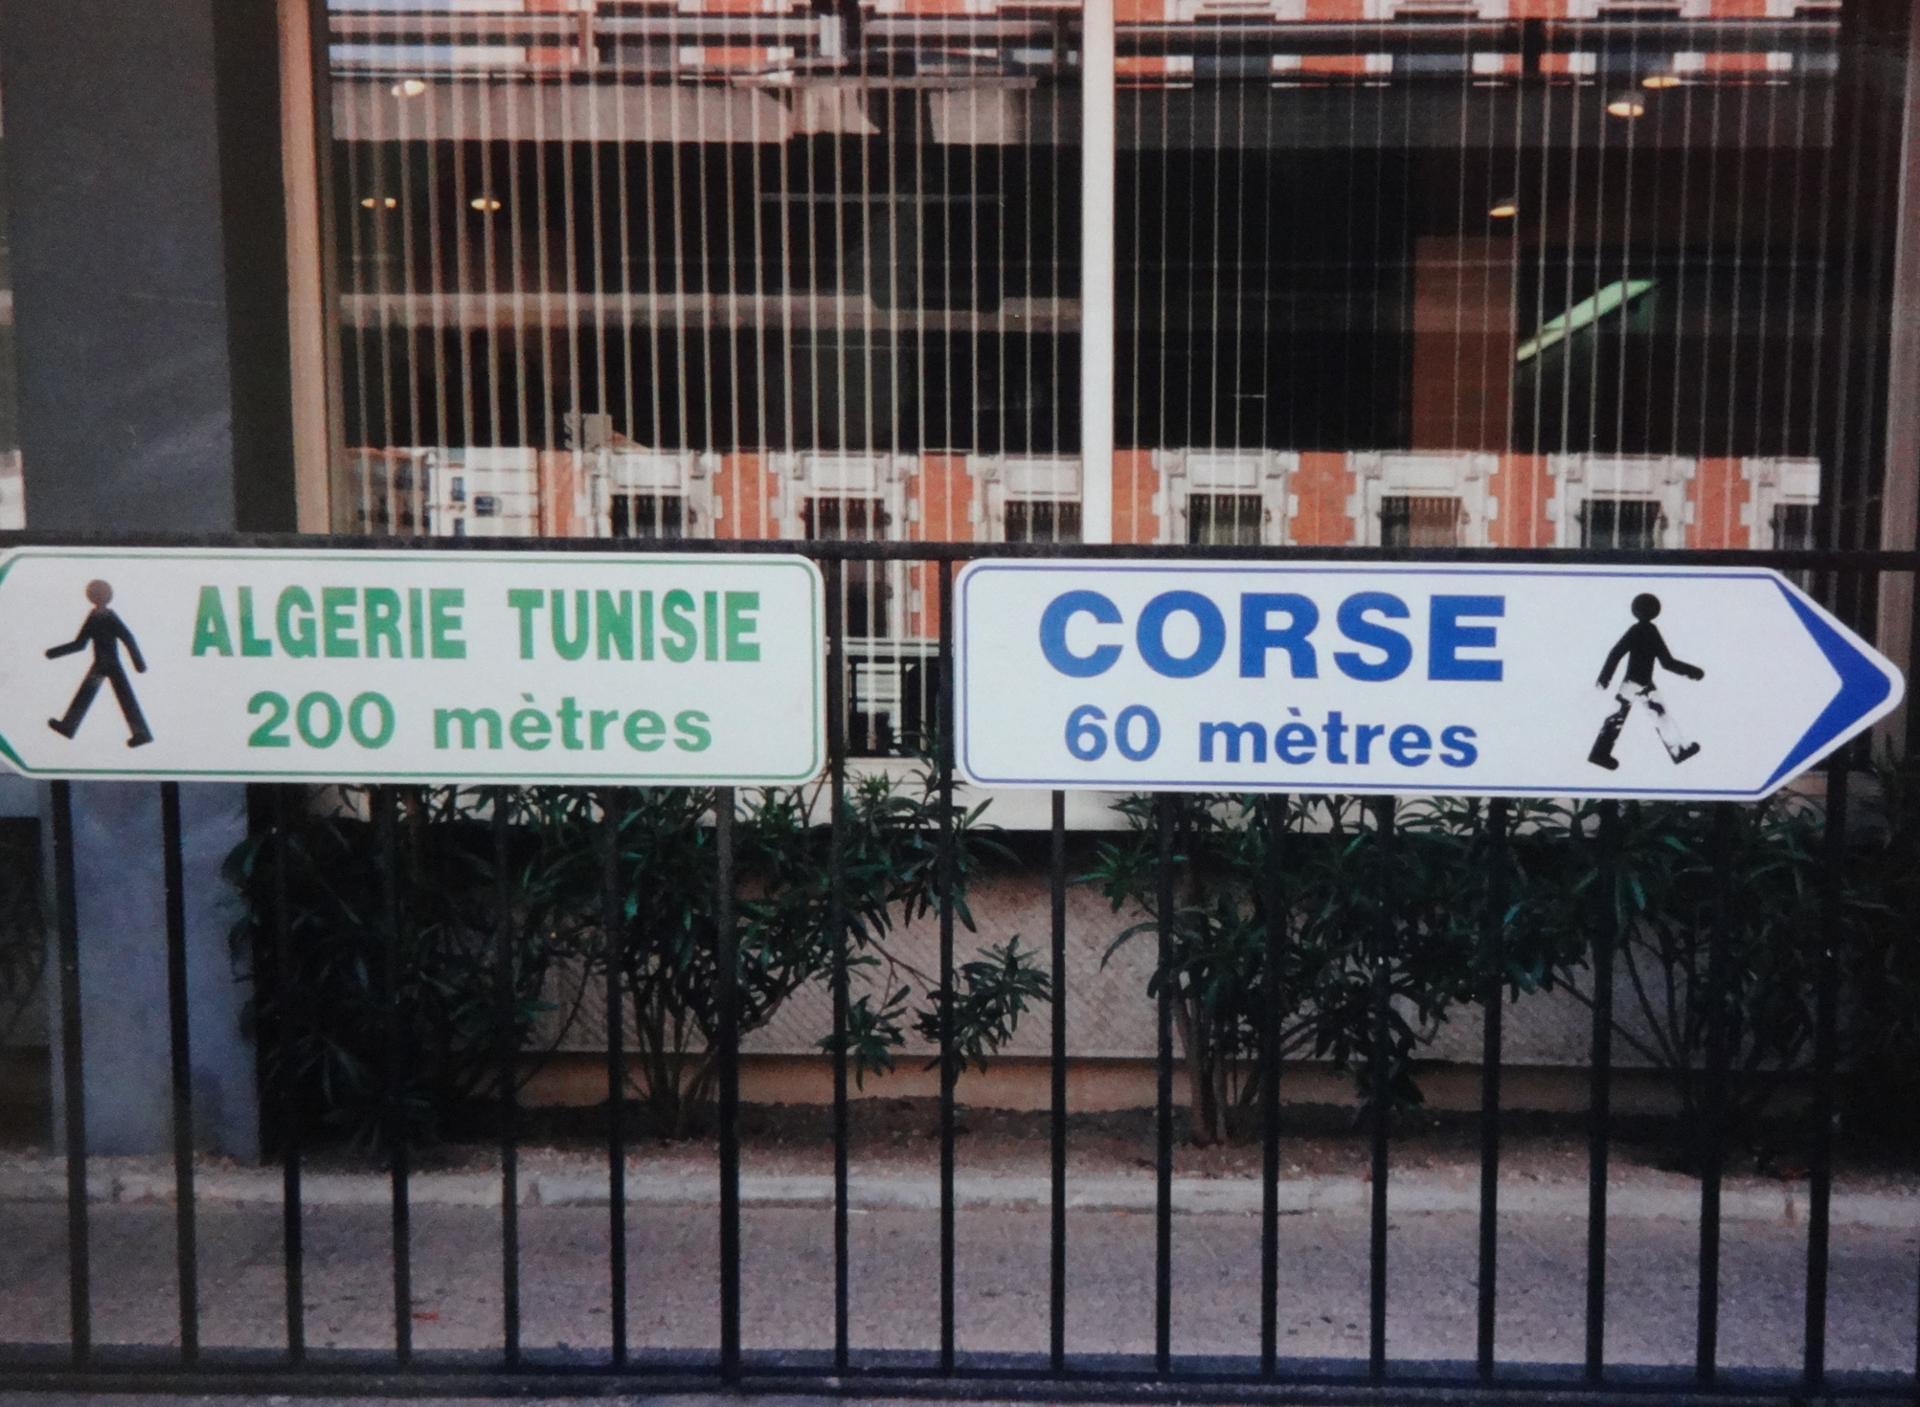 Courtes distances à partitr de Marseille et à pieds !!!